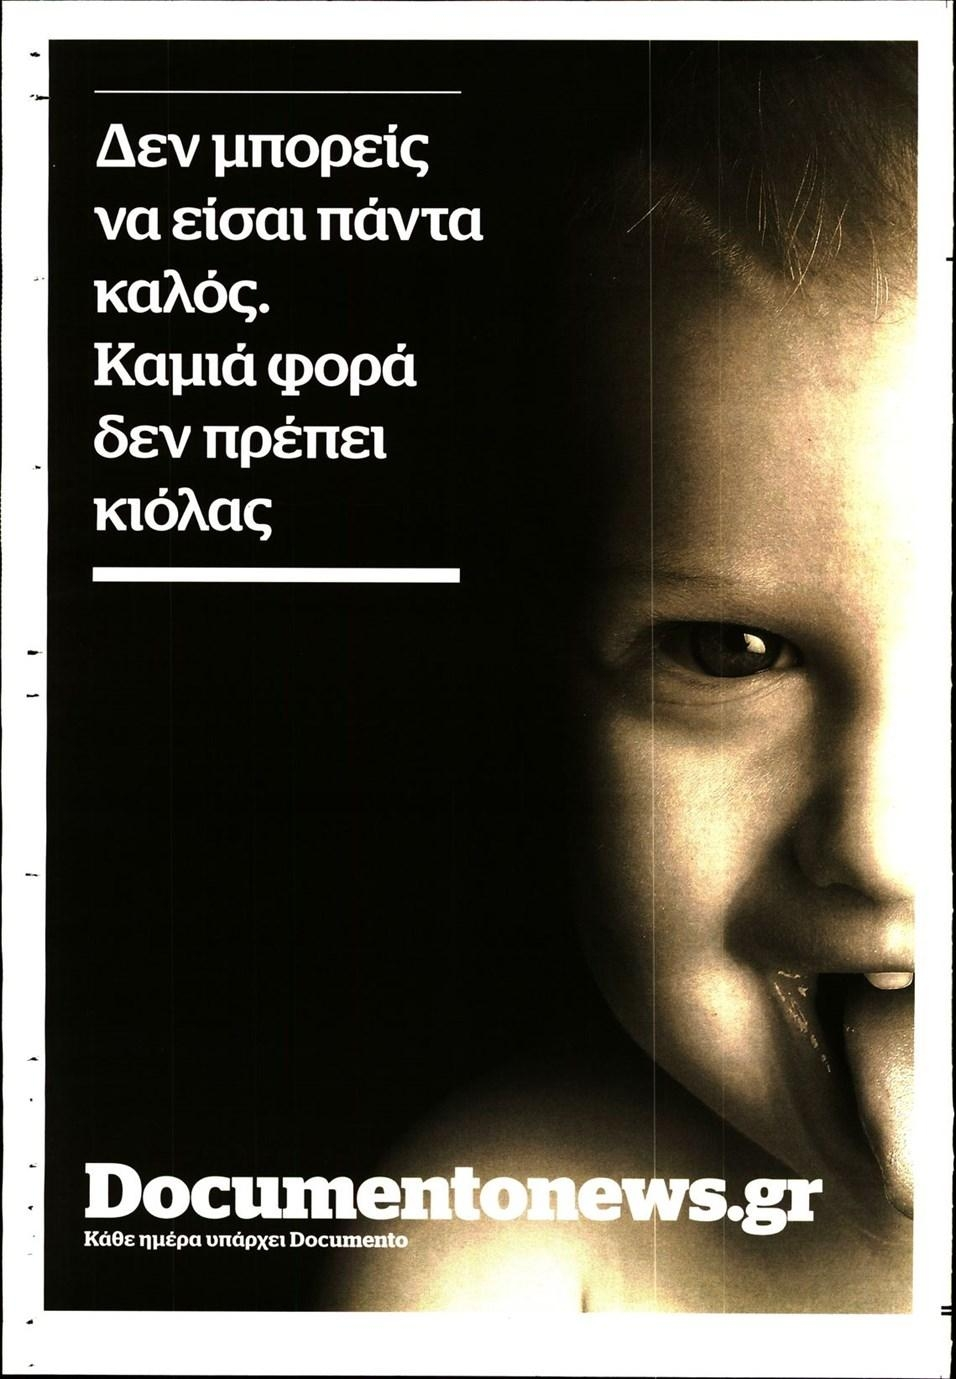 Οπισθόφυλλο εφημερίδας Documento